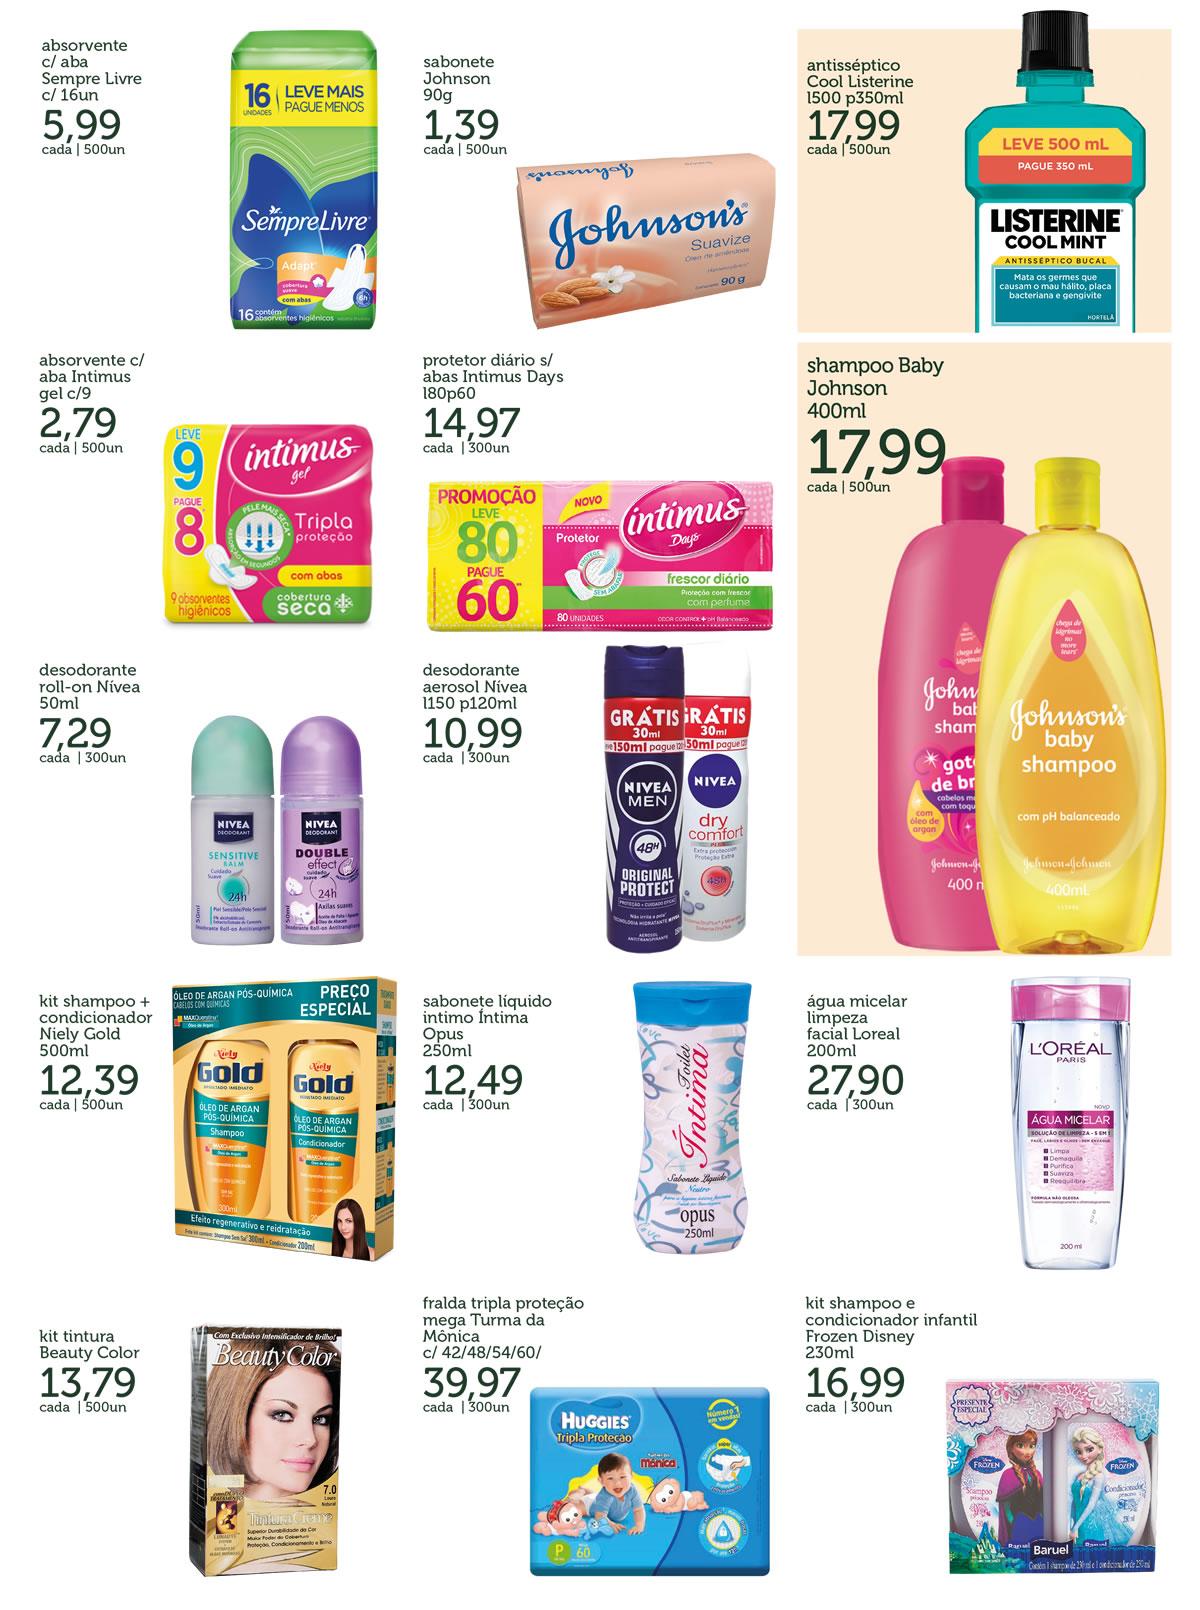 caita_supermercados_tabloide_junho2018_concordia16